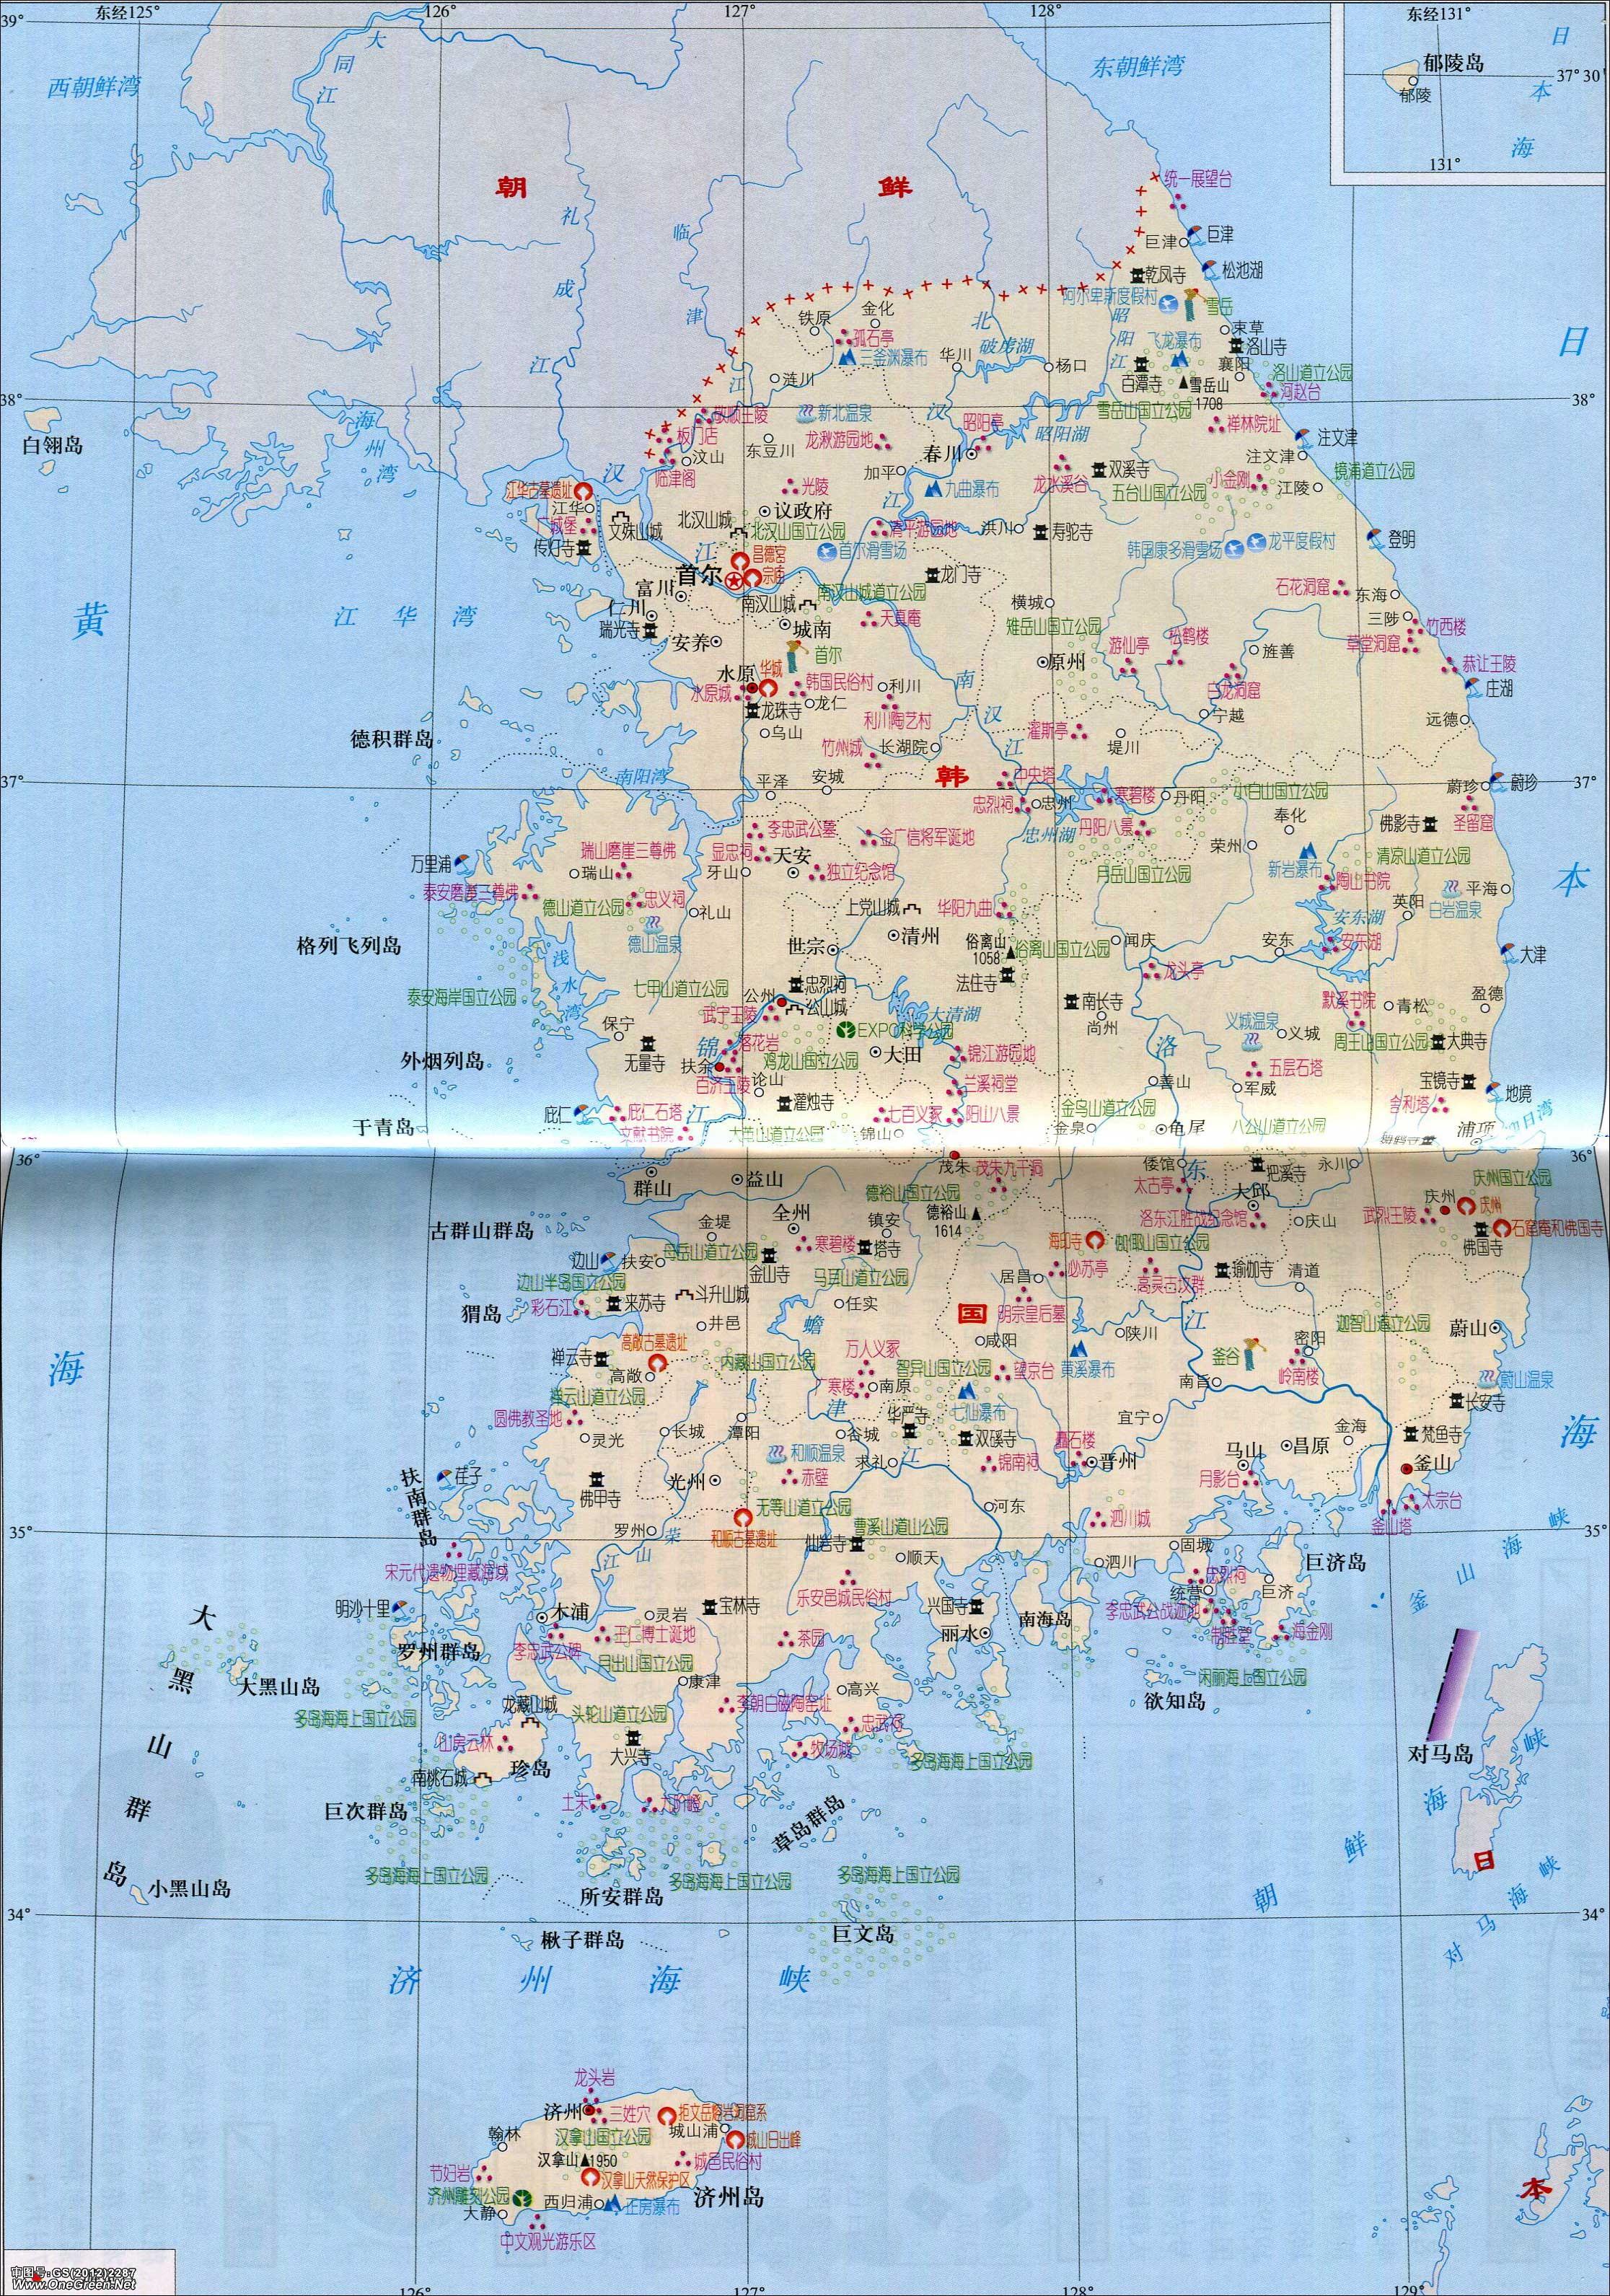 哈萨克斯坦中文地图_韩国旅游地图_韩国地图库_地图窝